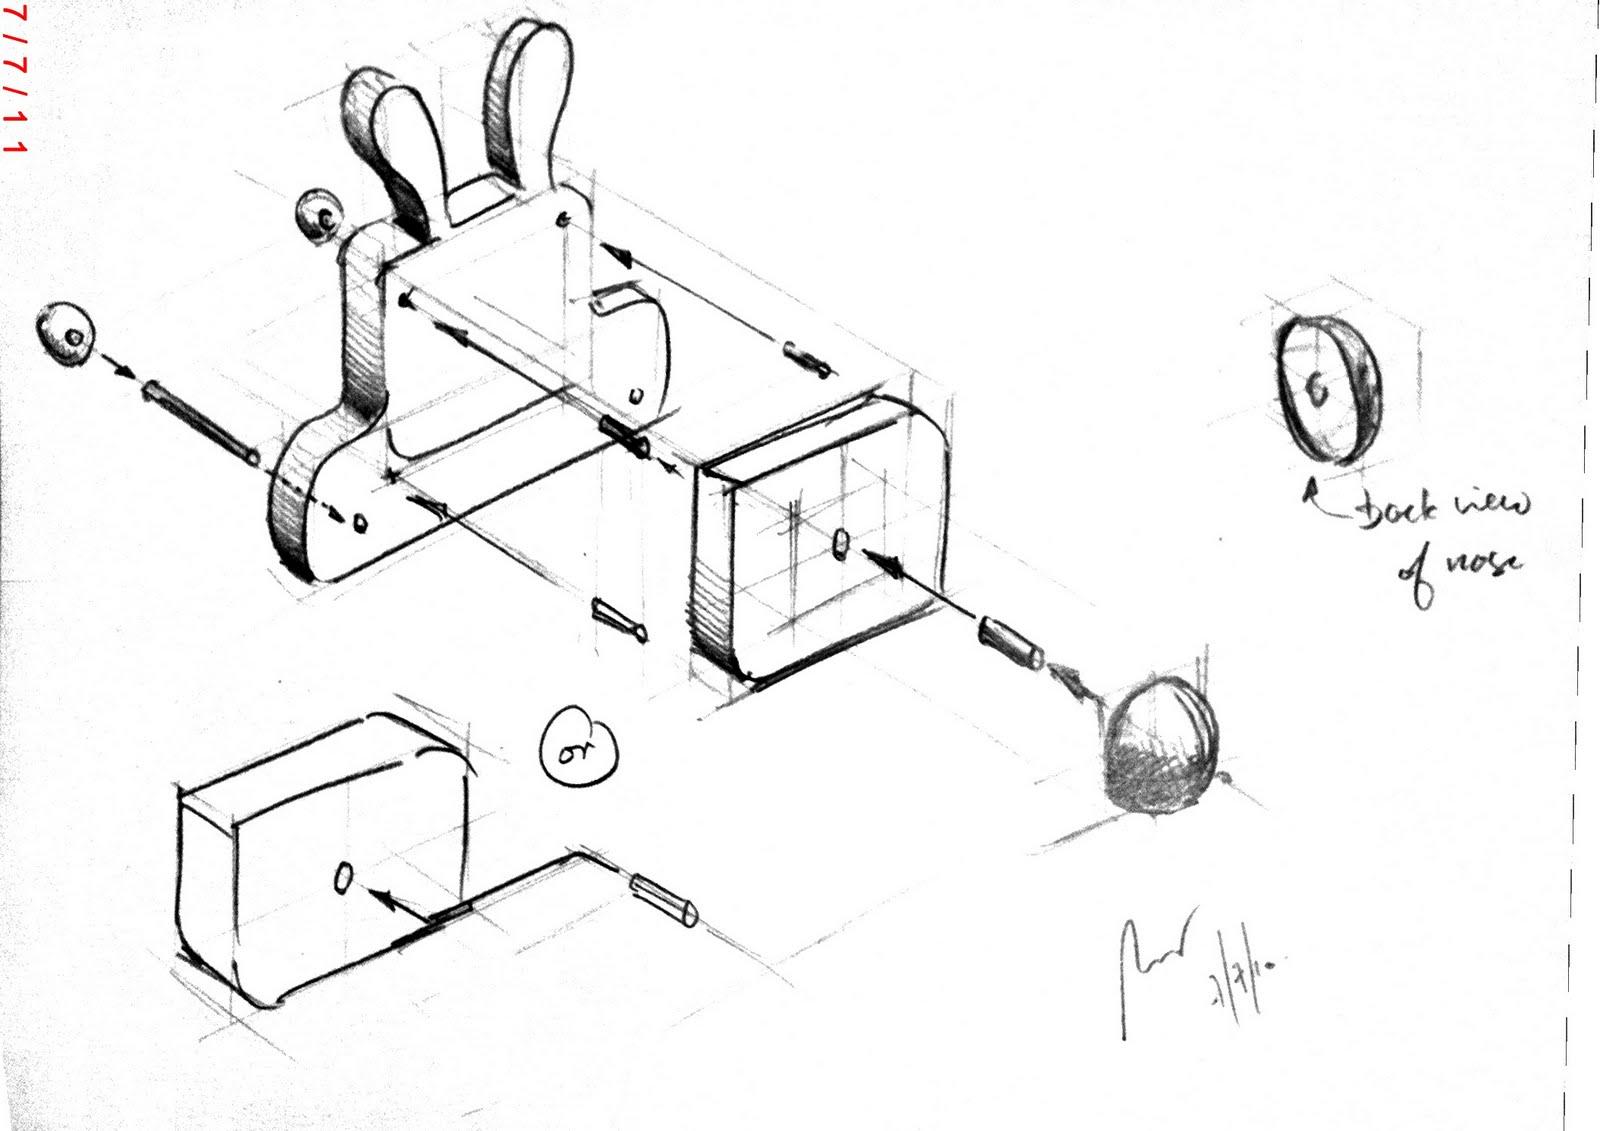 Design Journal Sos Working Drawing Starter Kit